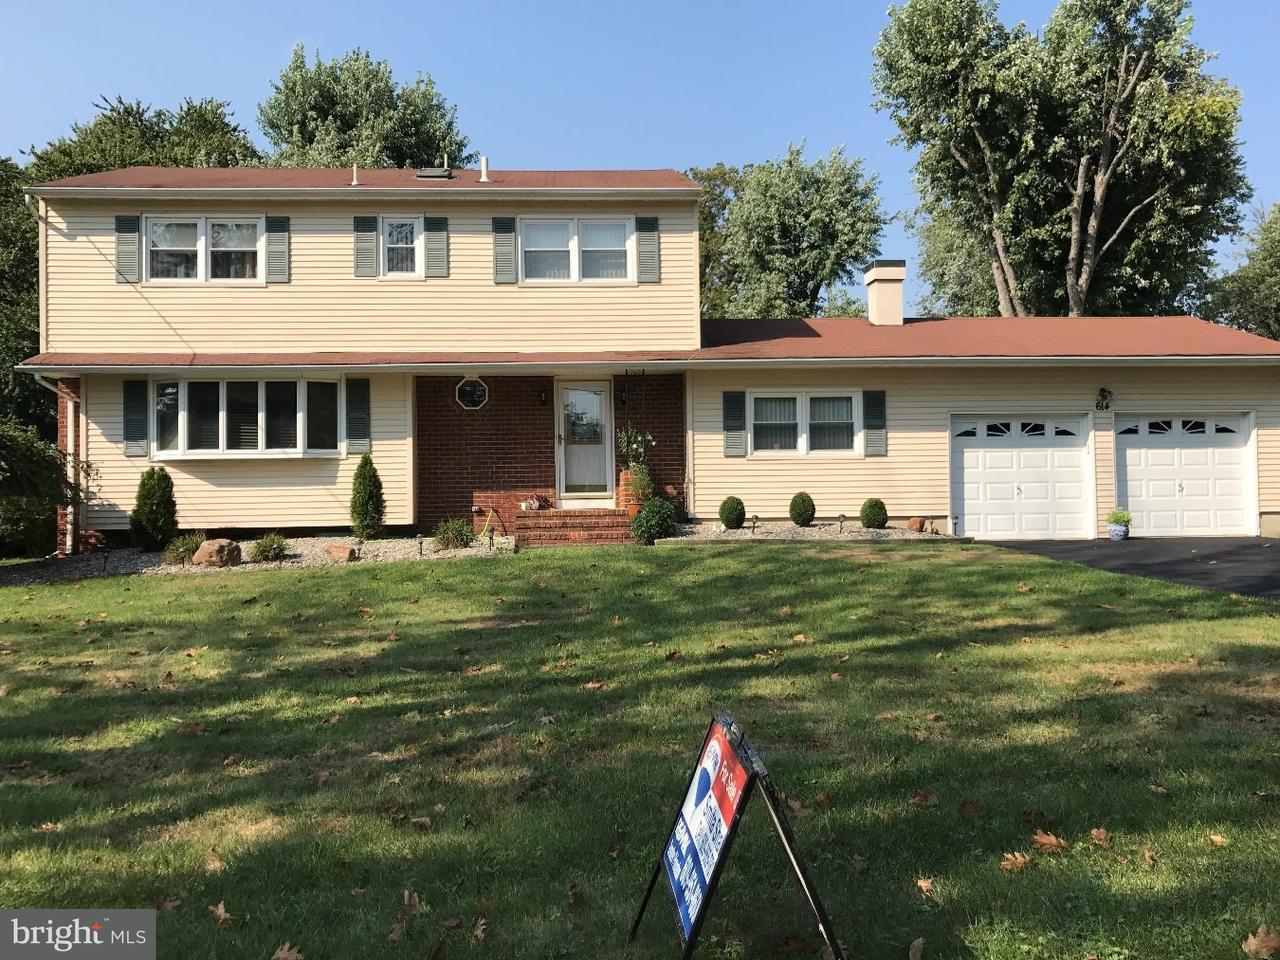 独户住宅 为 销售 在 614 DUTCH NECK Road East Windsor Township, 新泽西州 08520 美国在/周边: East Windsor Township